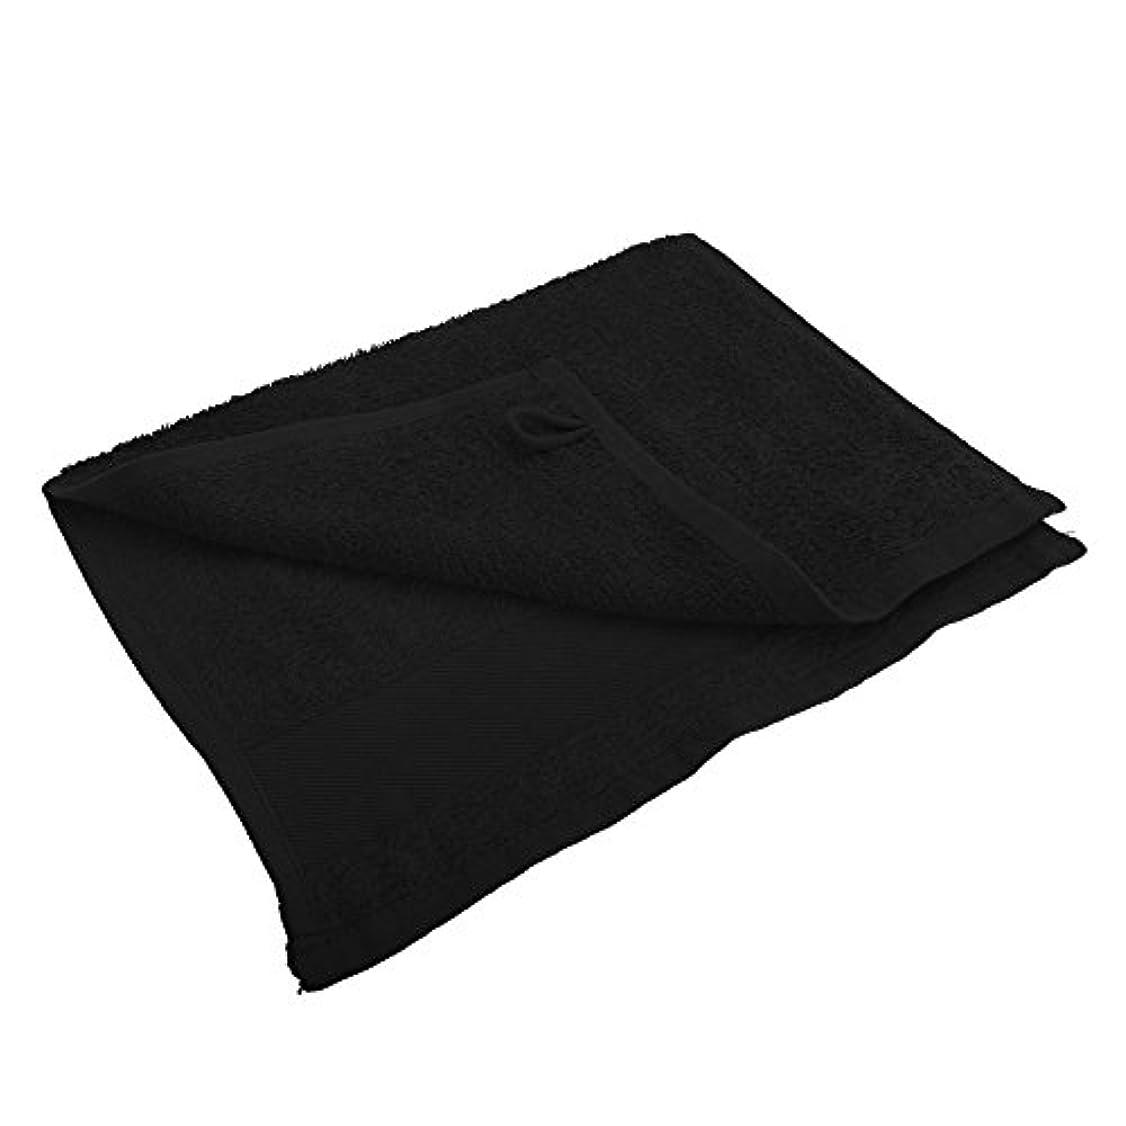 カレッジ彫る定規(ソールズ) SOLS アイランド 30 コットン 綿100% ゲストタオル (30 x 50cm) (ワンサイズ) (ブラック)